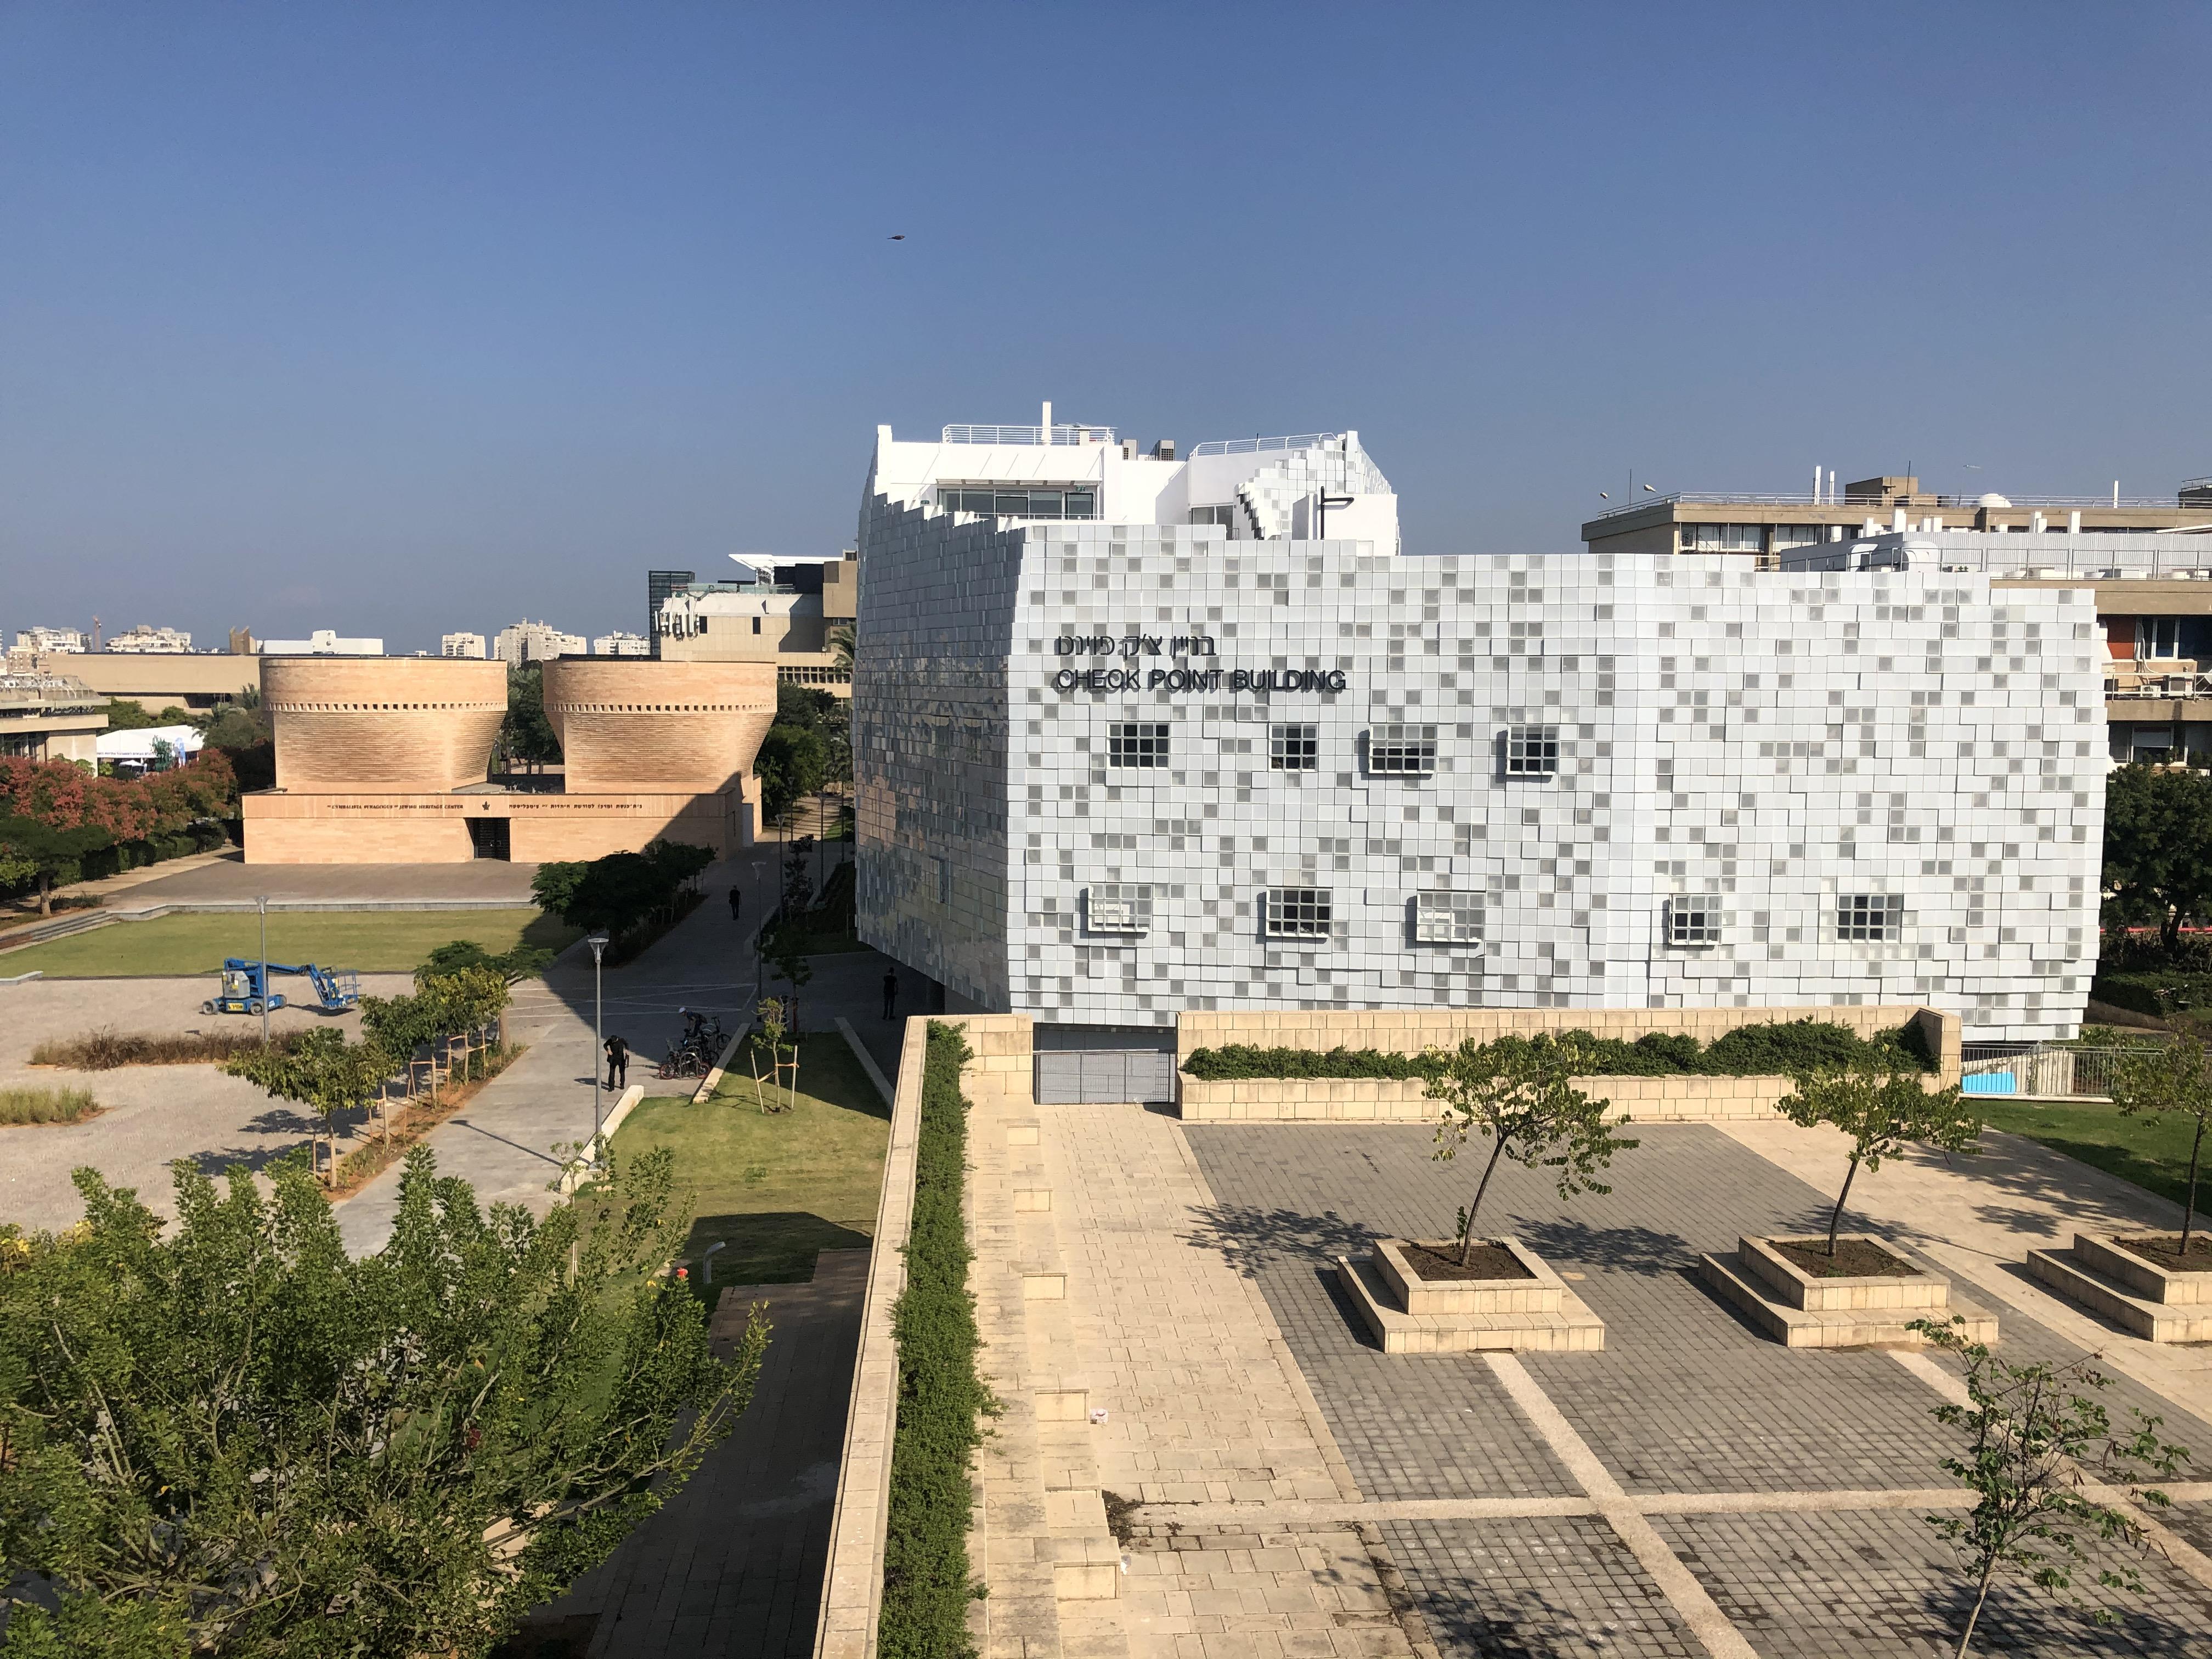 Nice view at Tel AvivUniversity.